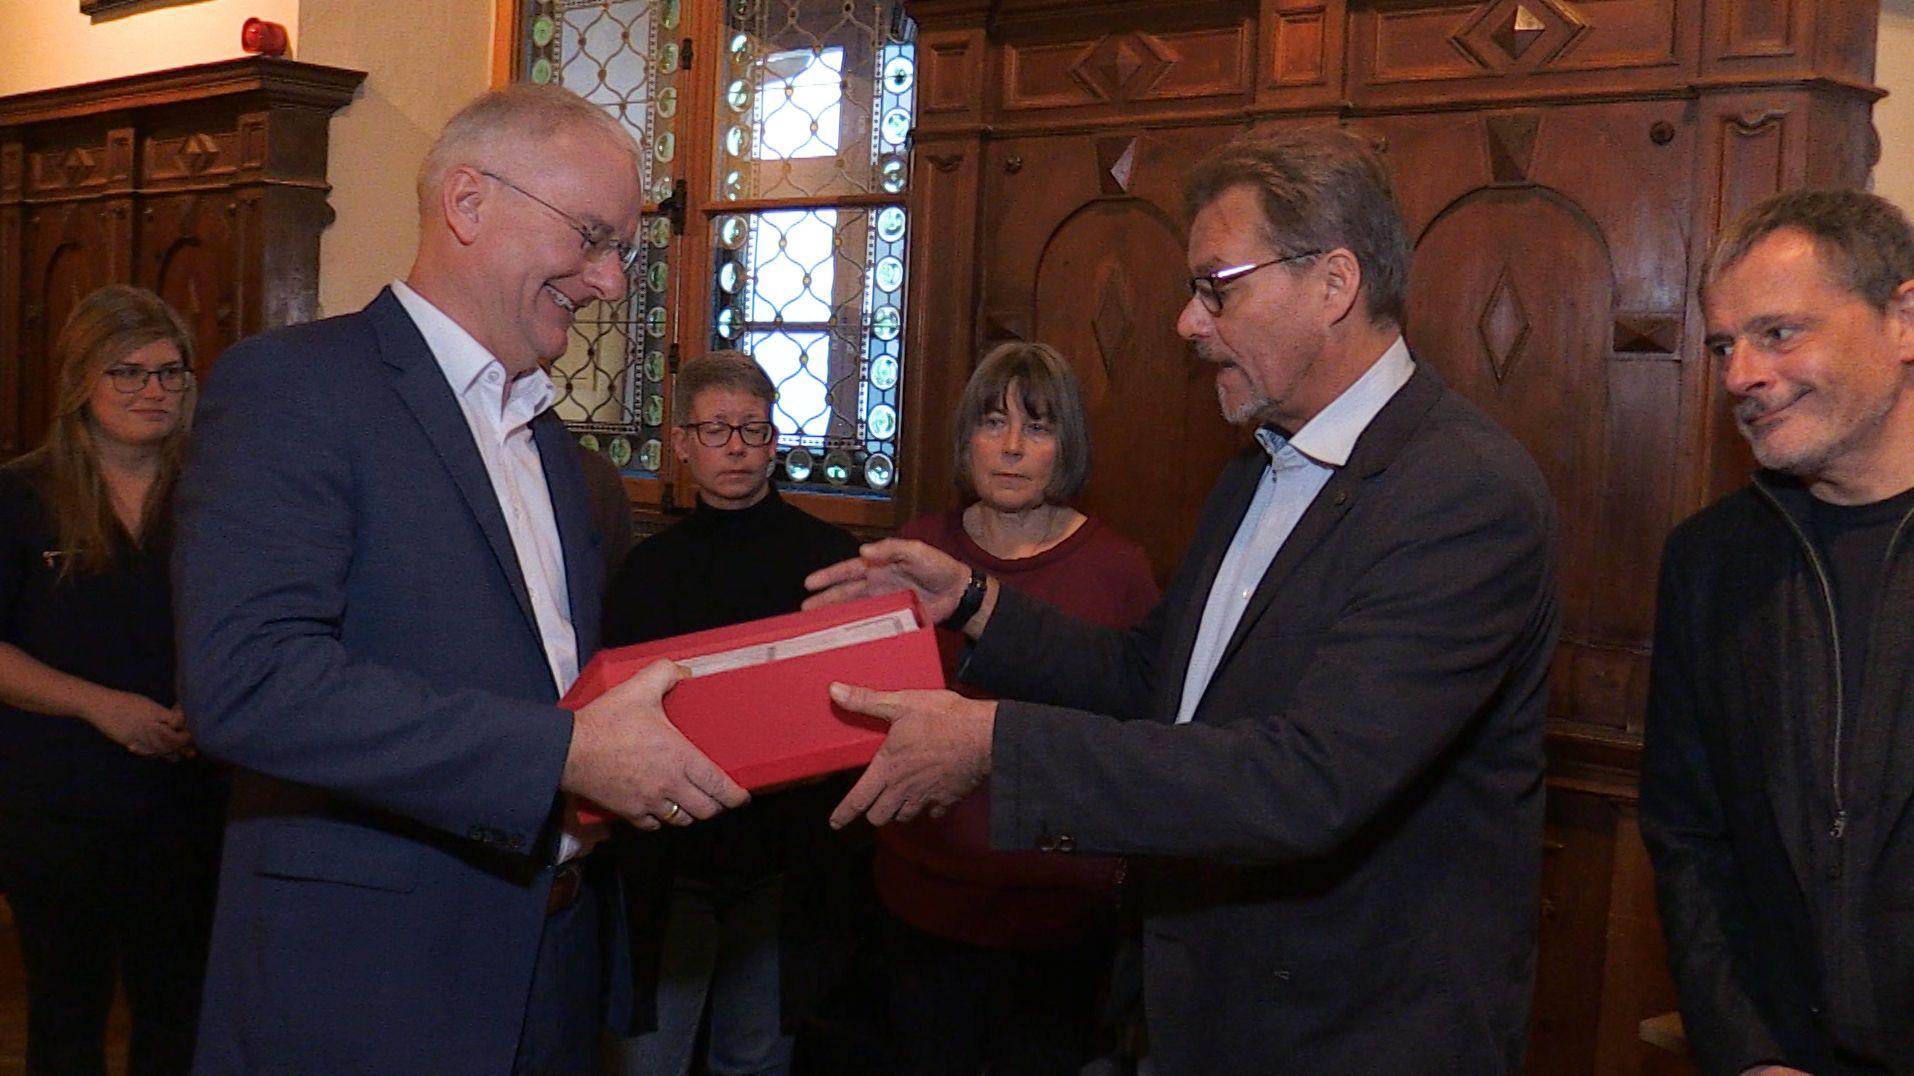 Übergabe der Unterschriften an OB Alexander Putz (links).